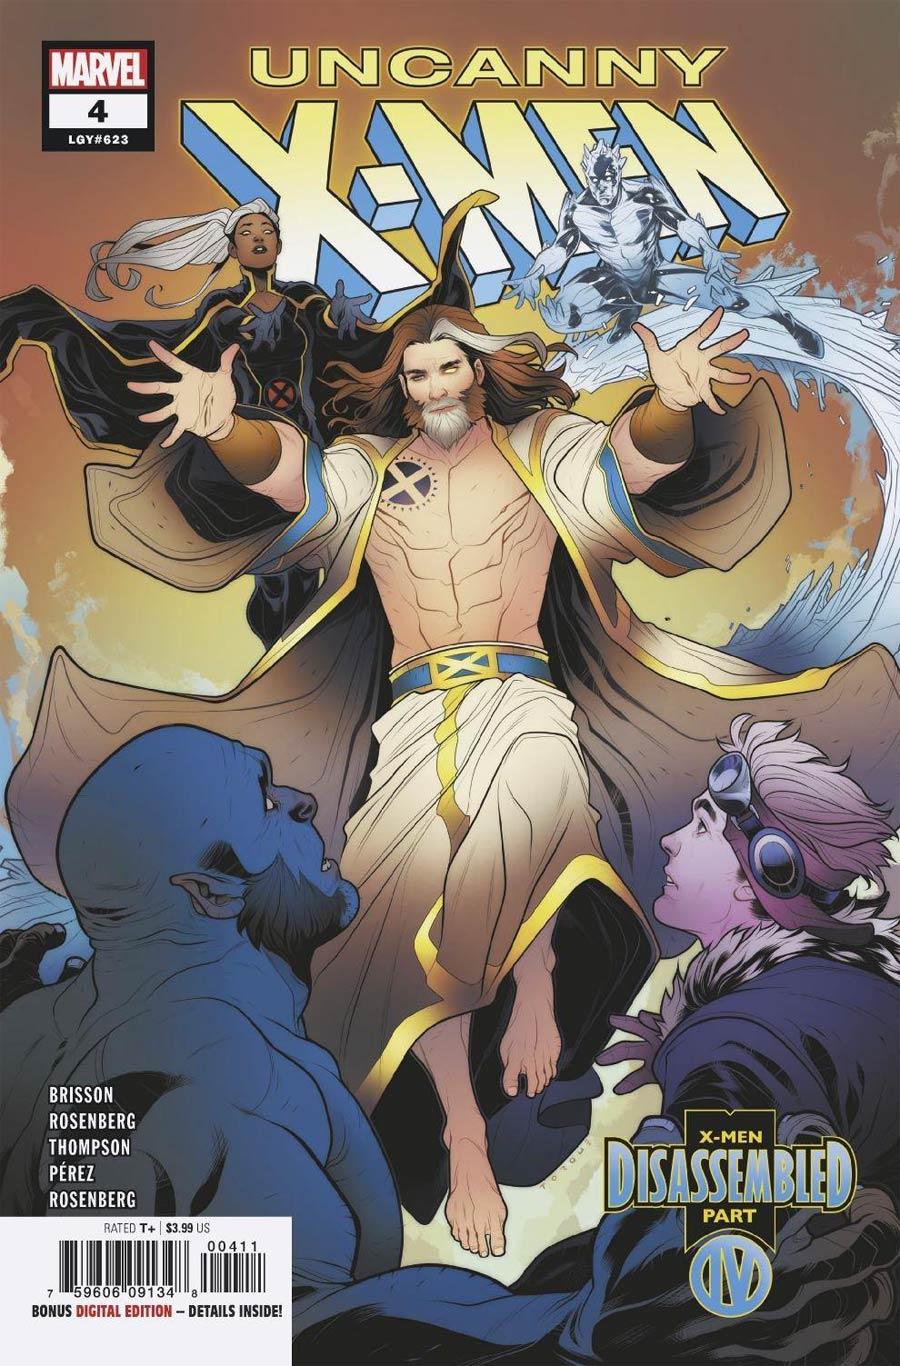 Uncanny X-Men Vol 5 #4 Cover A Regular Elizabeth Torque Cover